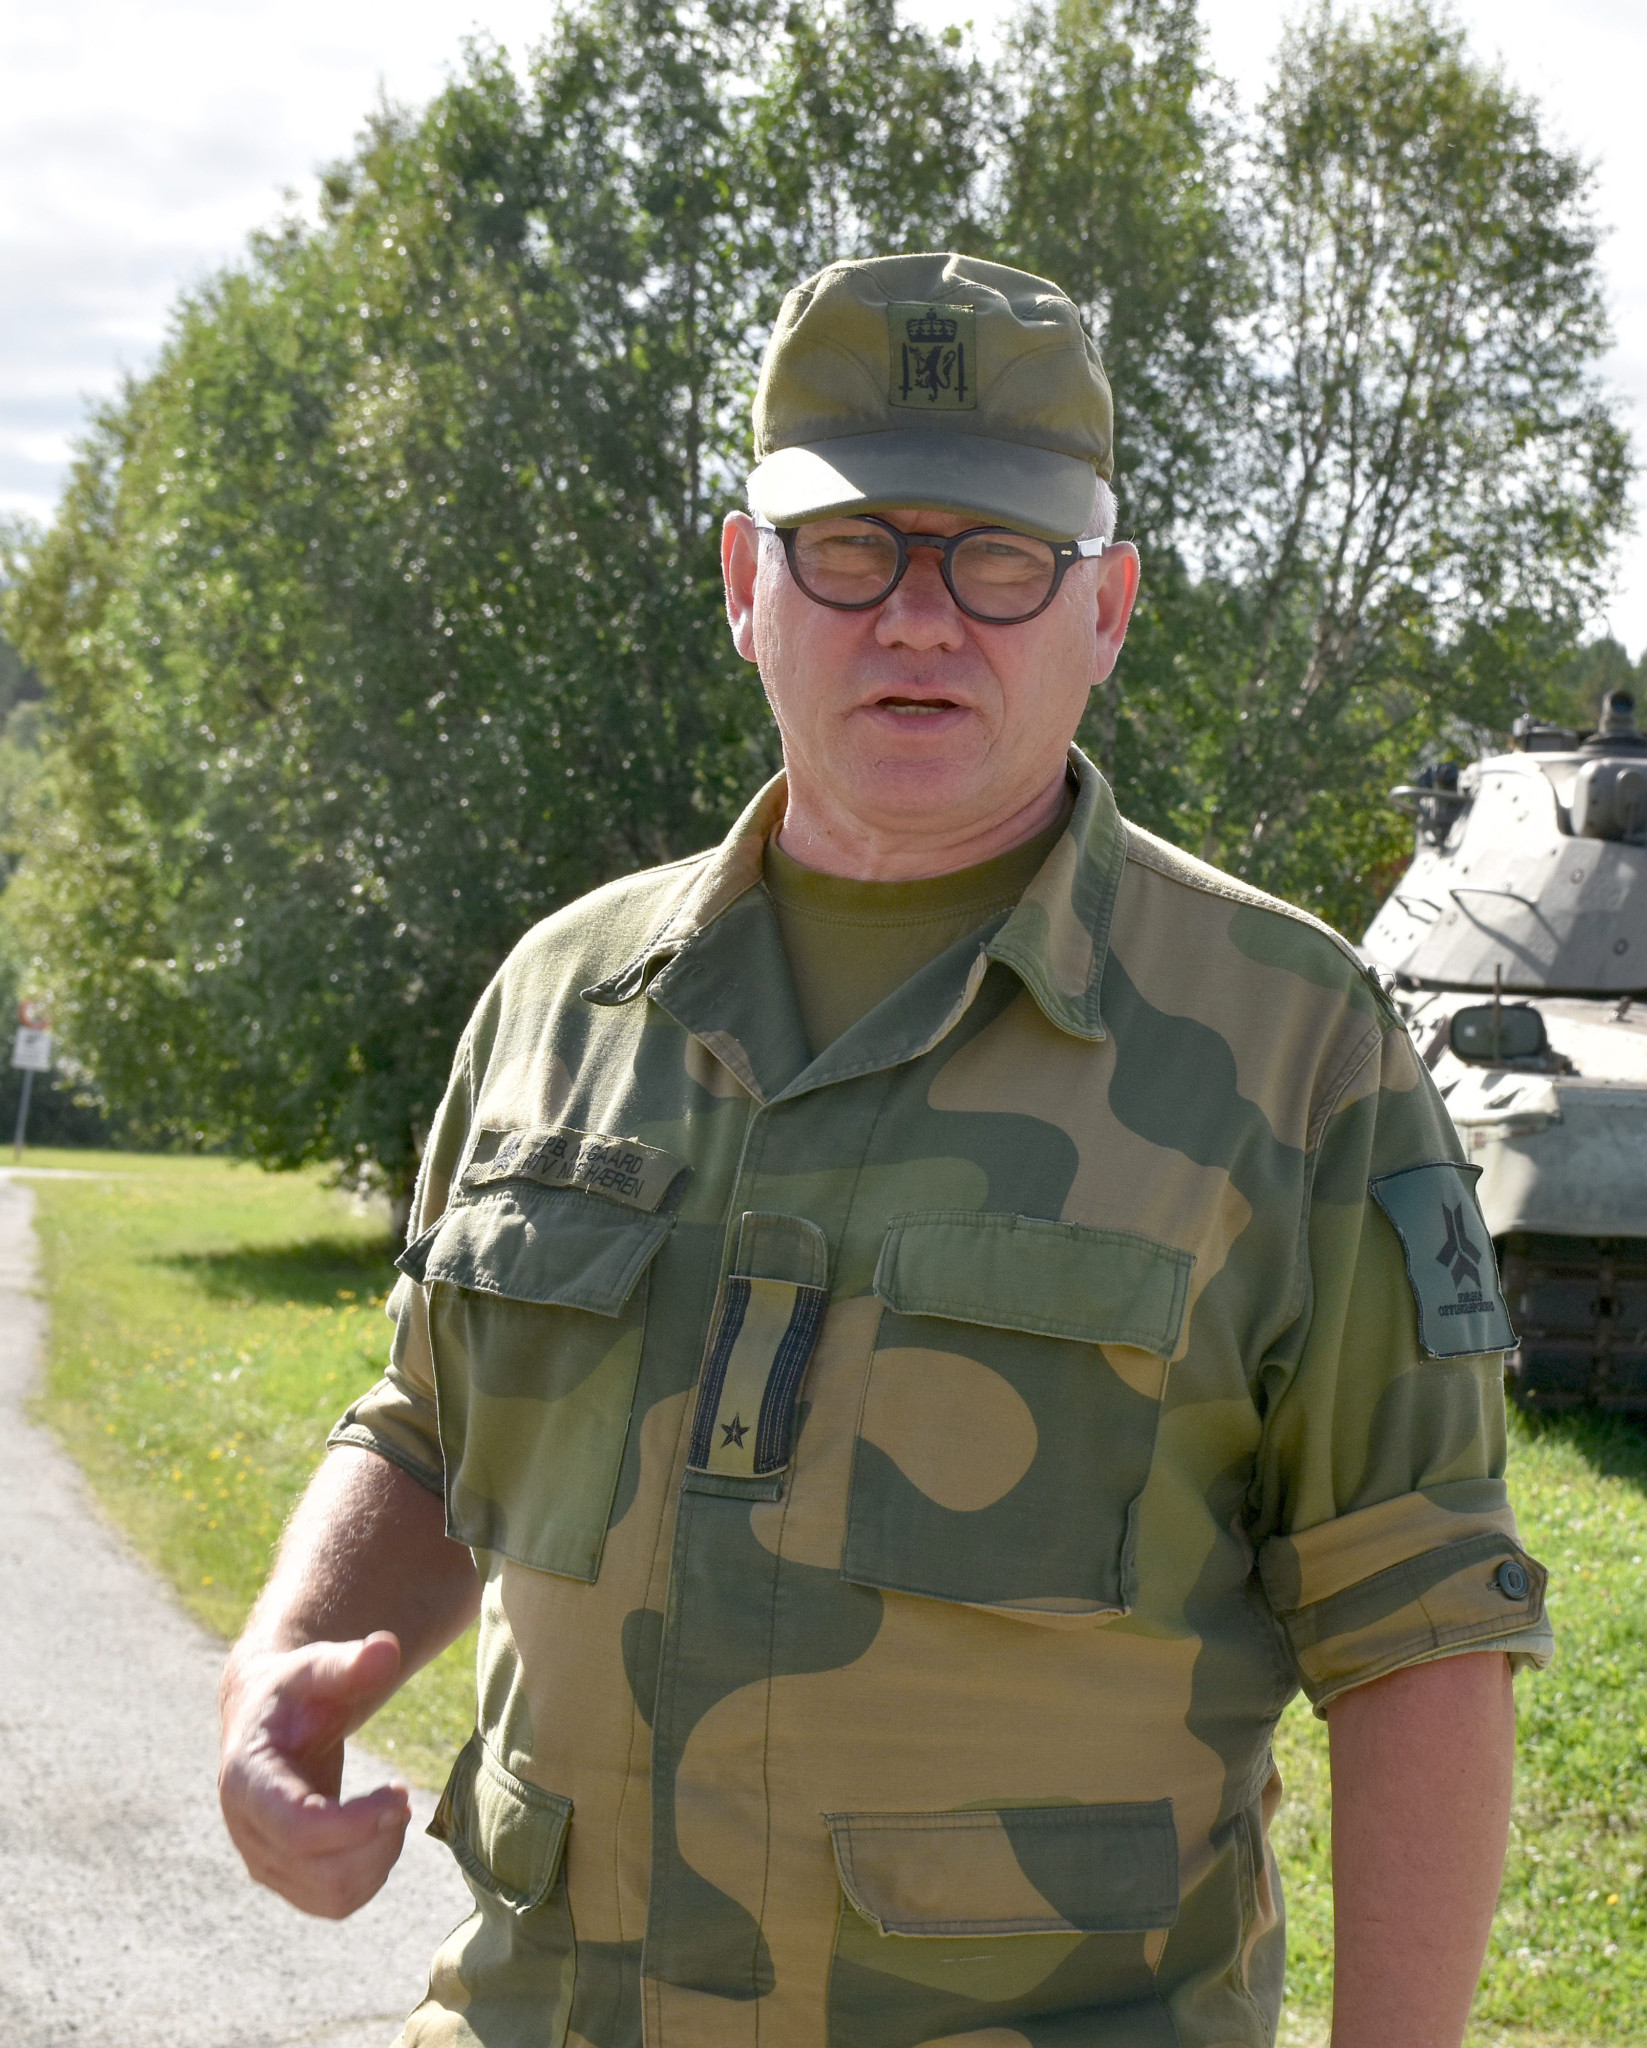 hovedtillitsvalgt Pål B. Nygaard for Hæren. Foto tatt ved museet på Setermoen, august 2018. Foto: ALF RAGNAR OLSEN/ALDRIMER.NO